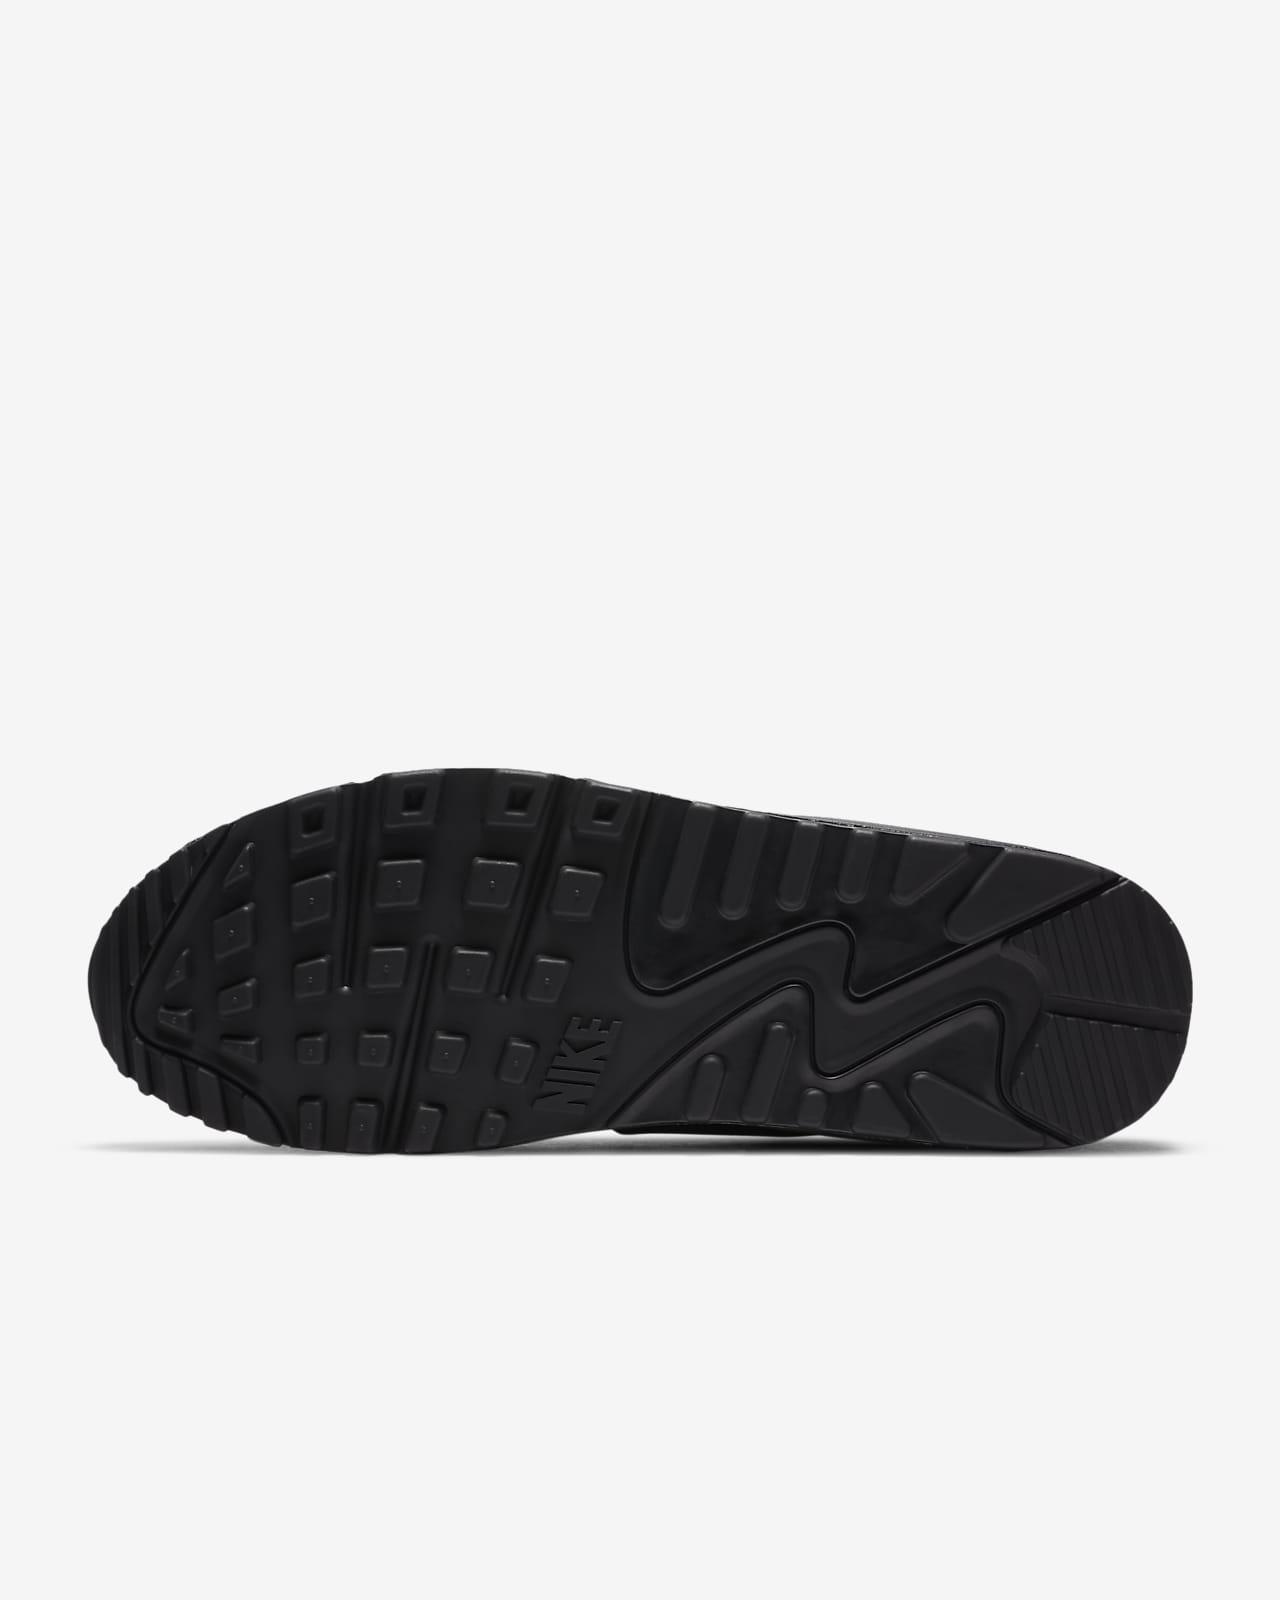 Air Max 90 LTR Men's Shoes